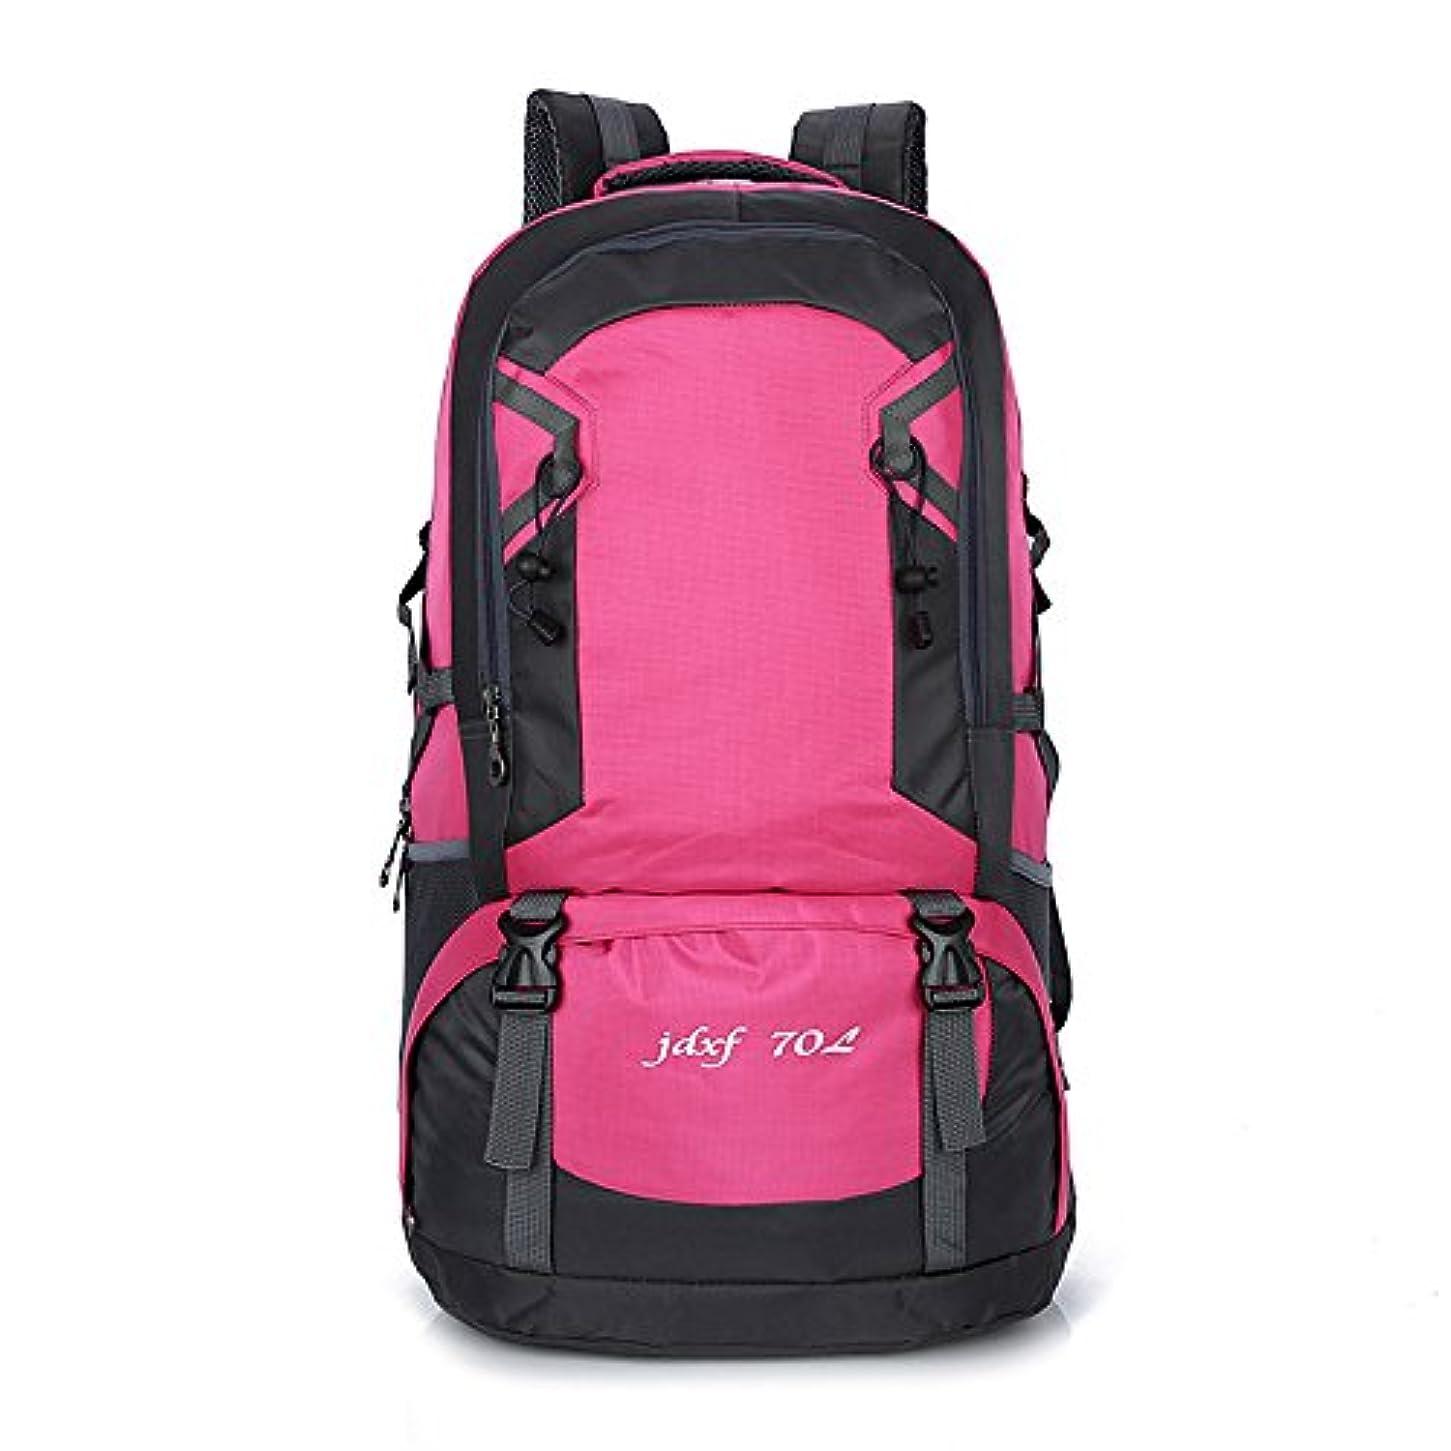 連合個人会社ユニセックス 登山バッグ 大容量防水 旅行キャンプ ハイキングコース レジャースポーツ 多機能 屋外での使用に適しています 軽量野外活動バッグ (色 : ローズ)